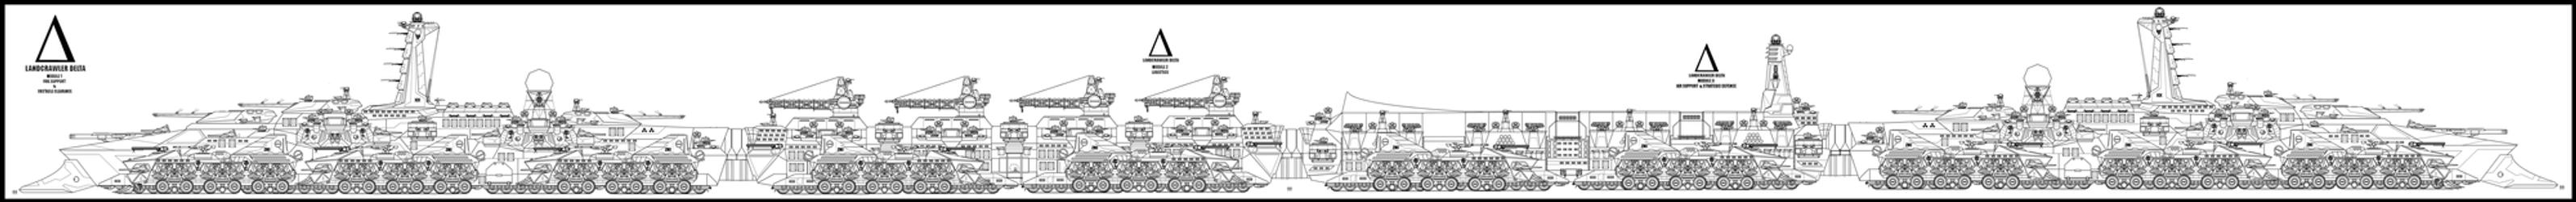 Landcrawler Delta Complete by Evilonavich